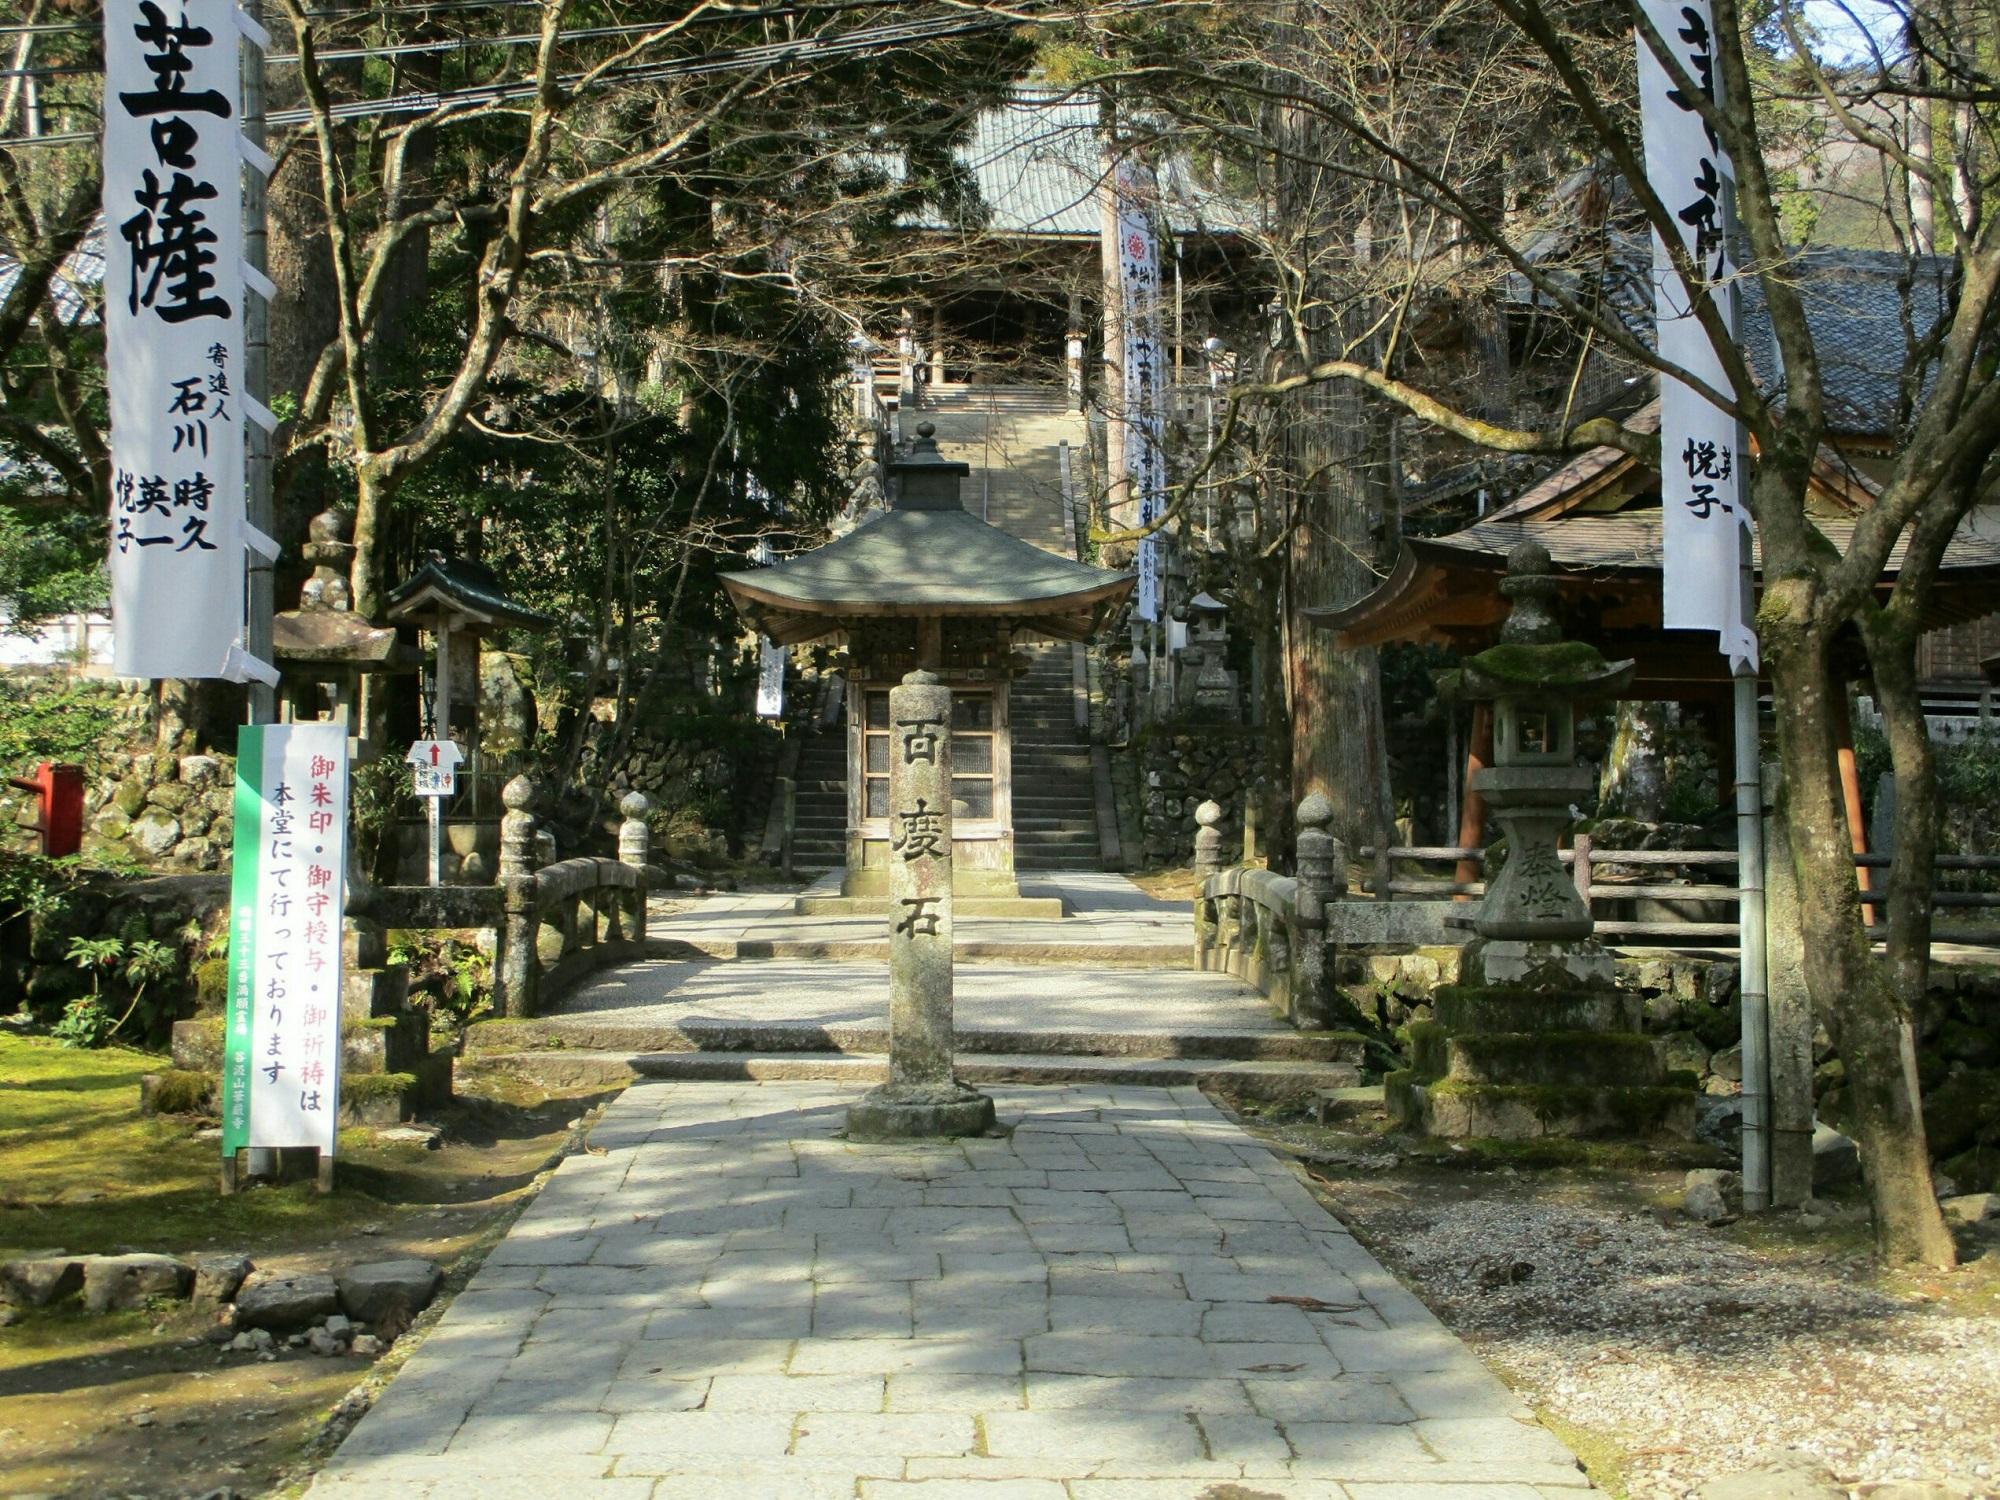 2019.3.1 (158) 谷汲山華厳寺 - 百度石 2000-1500